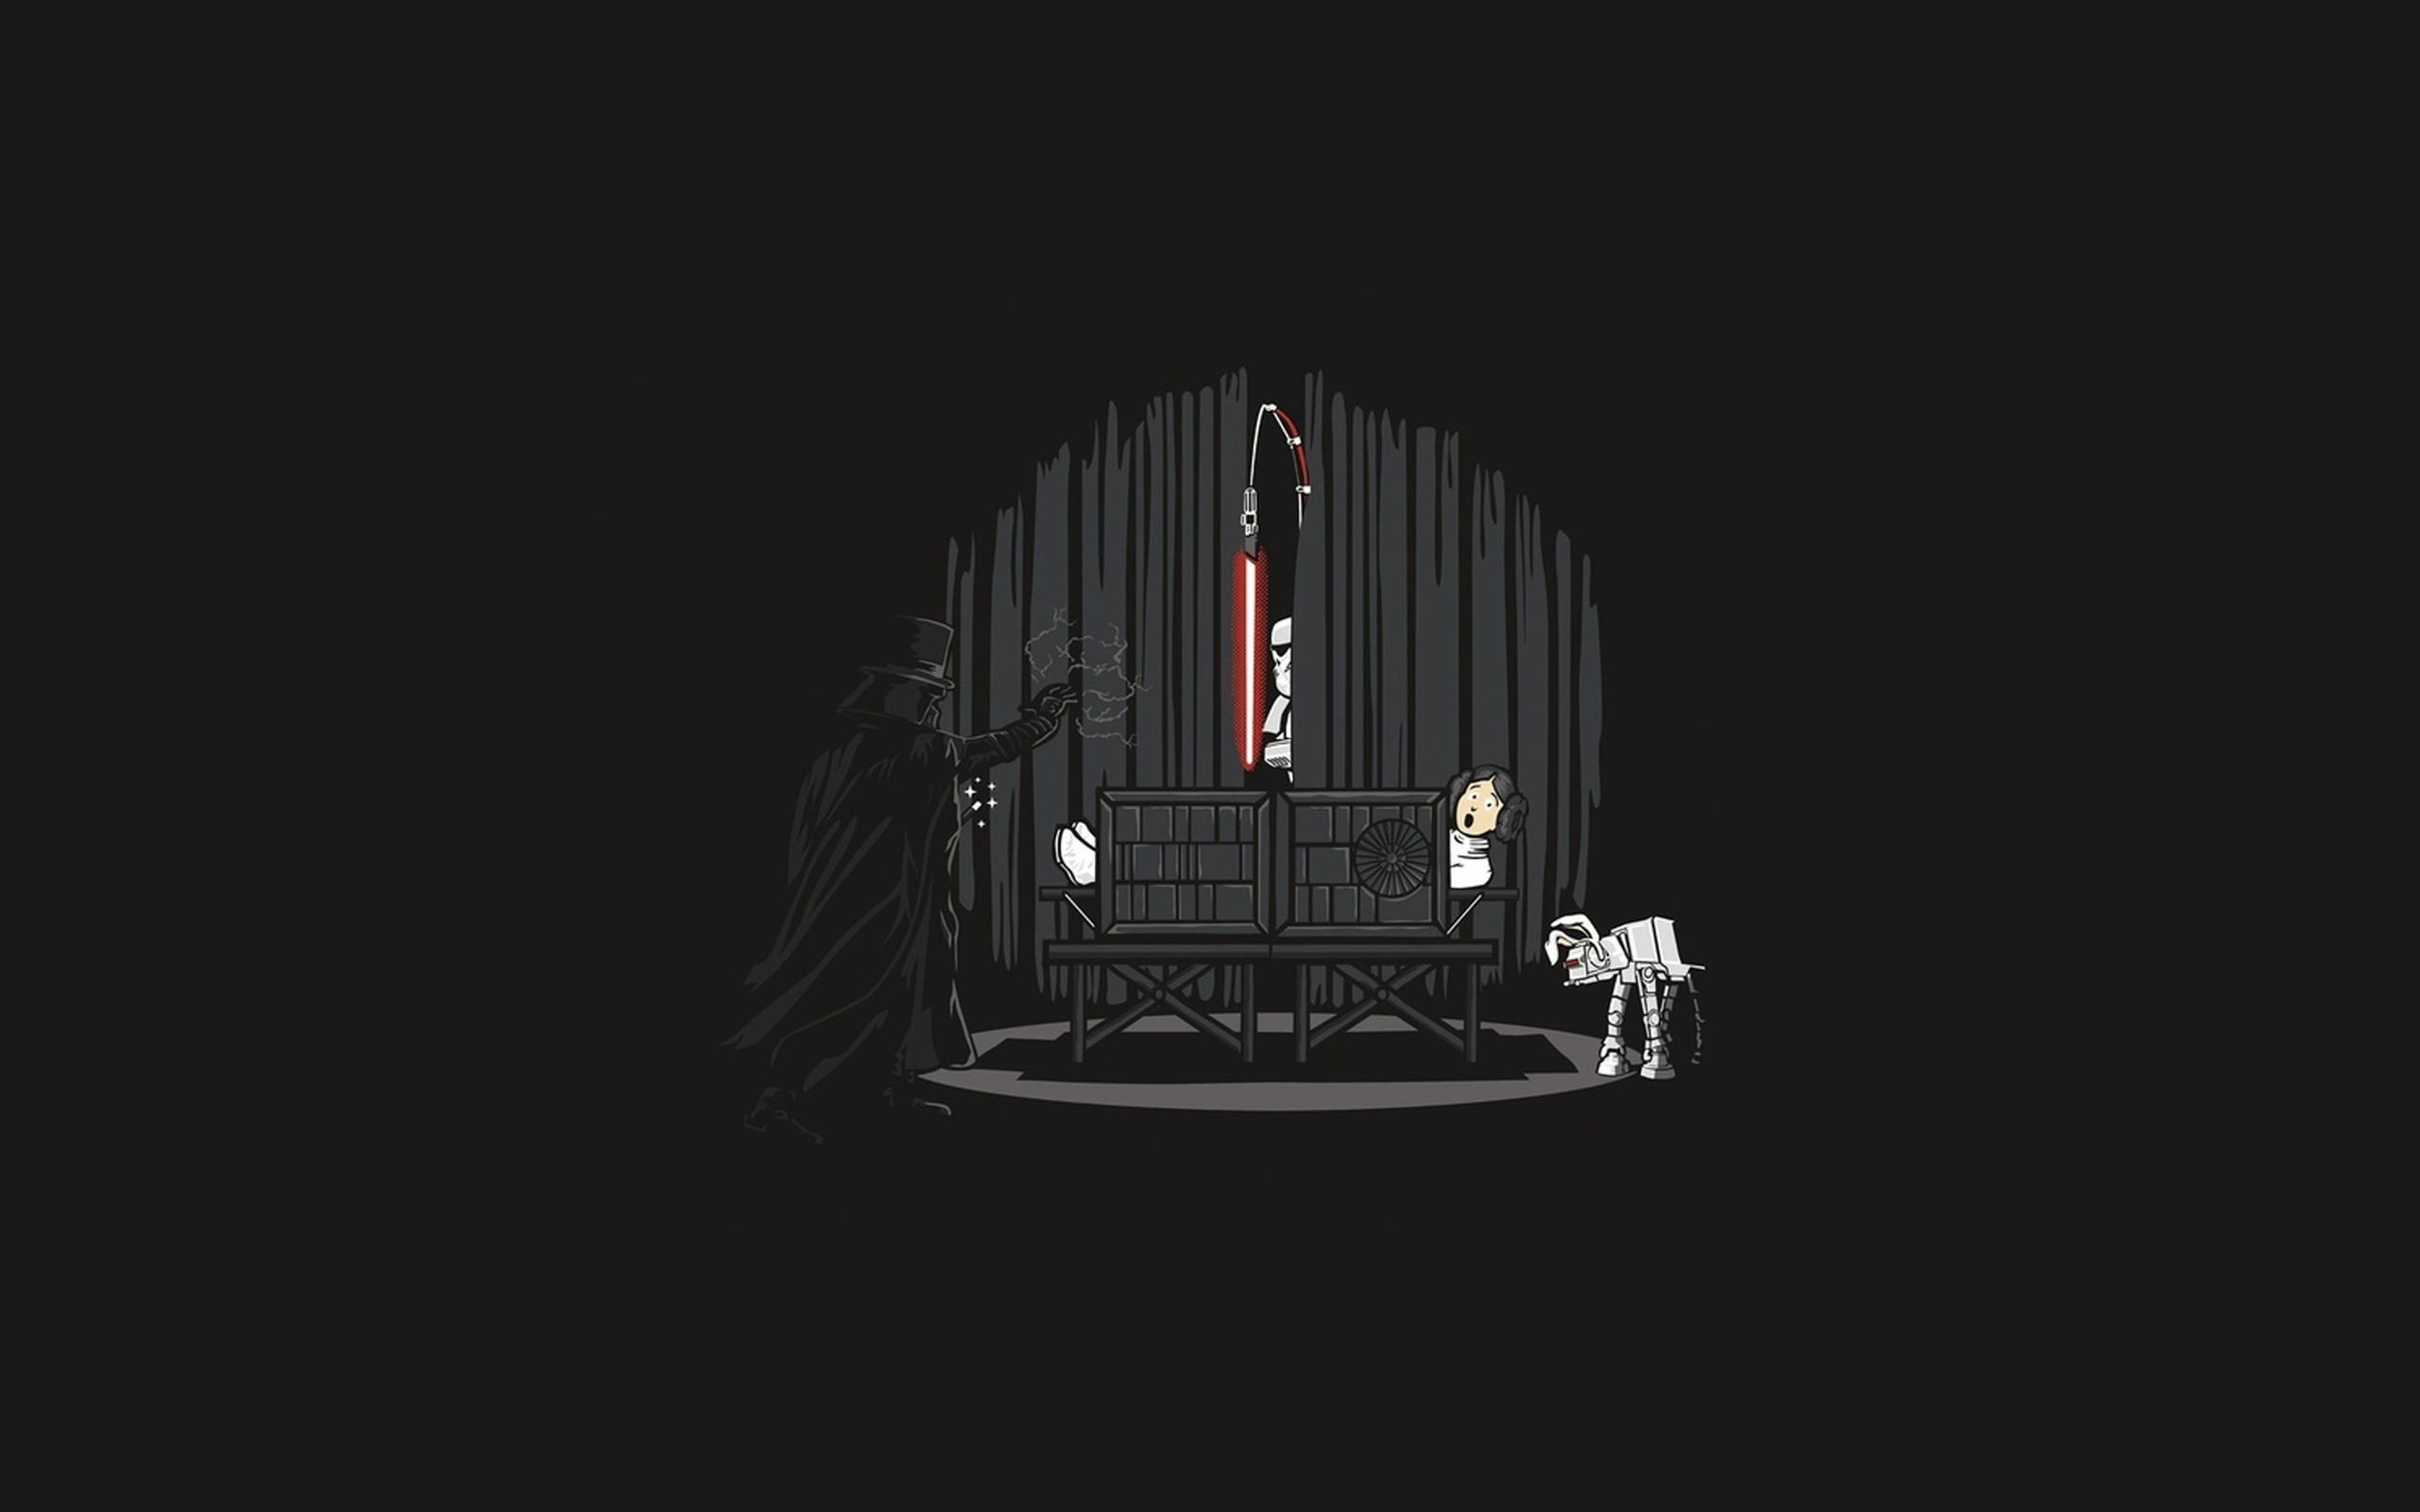 Darth Vader Funny Star Wars Artwork 34997 …